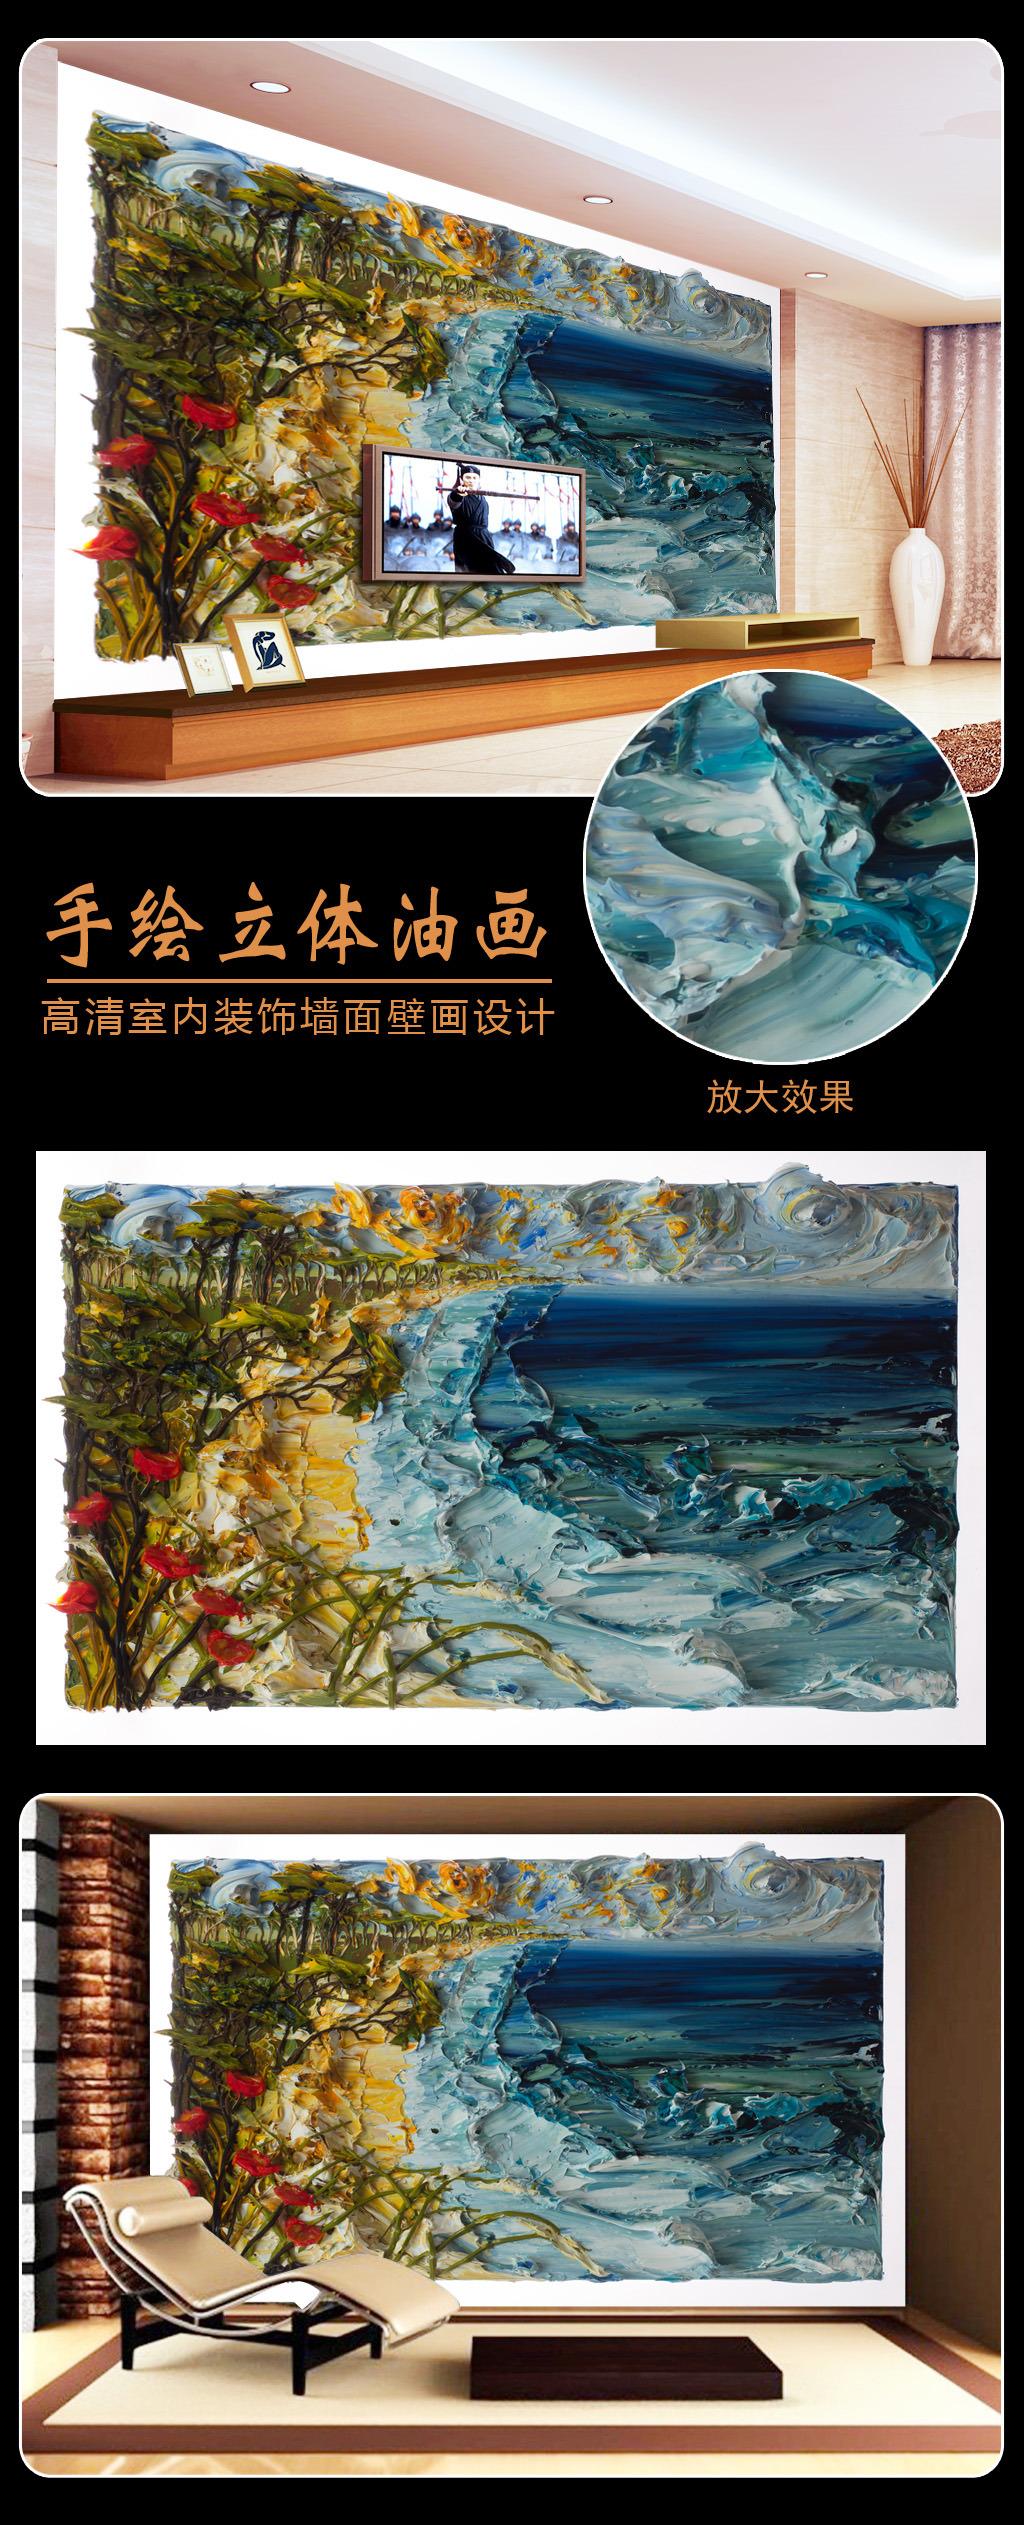 手绘立体油画海滩风情风景画壁画客厅装饰画